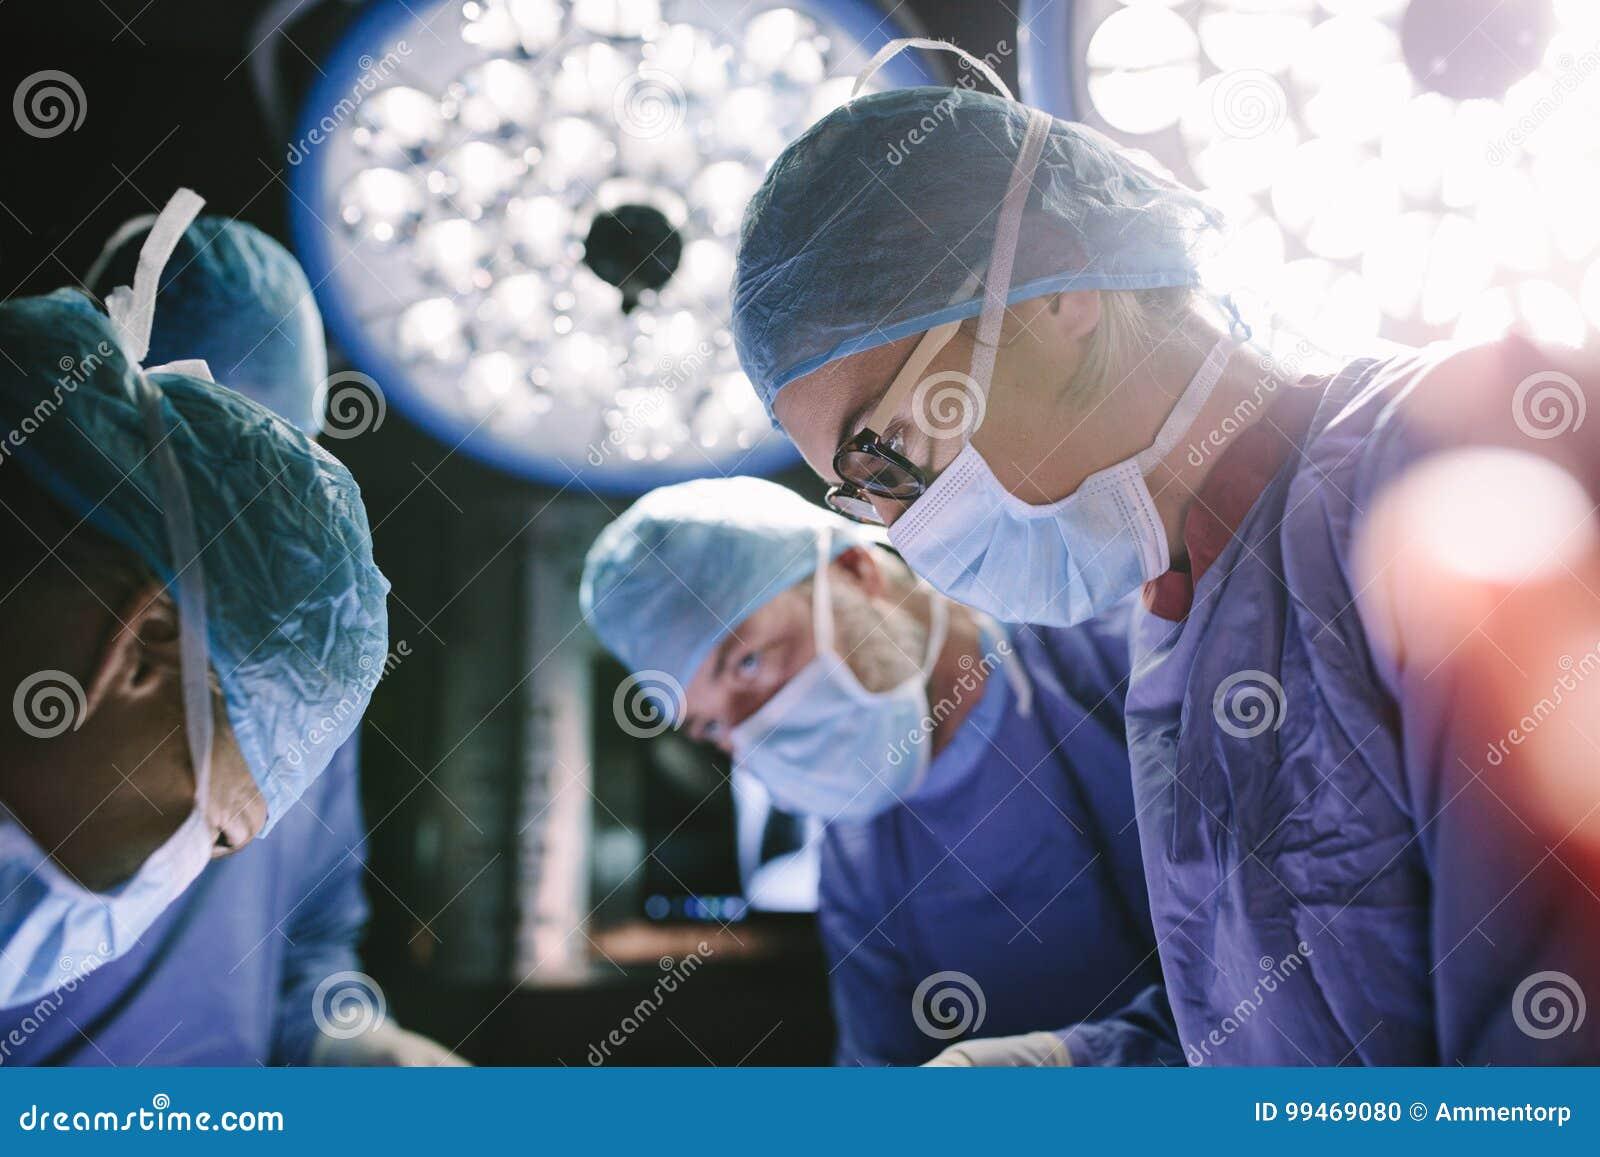 Cirurgião concentrado que executa a cirurgia com sua equipe